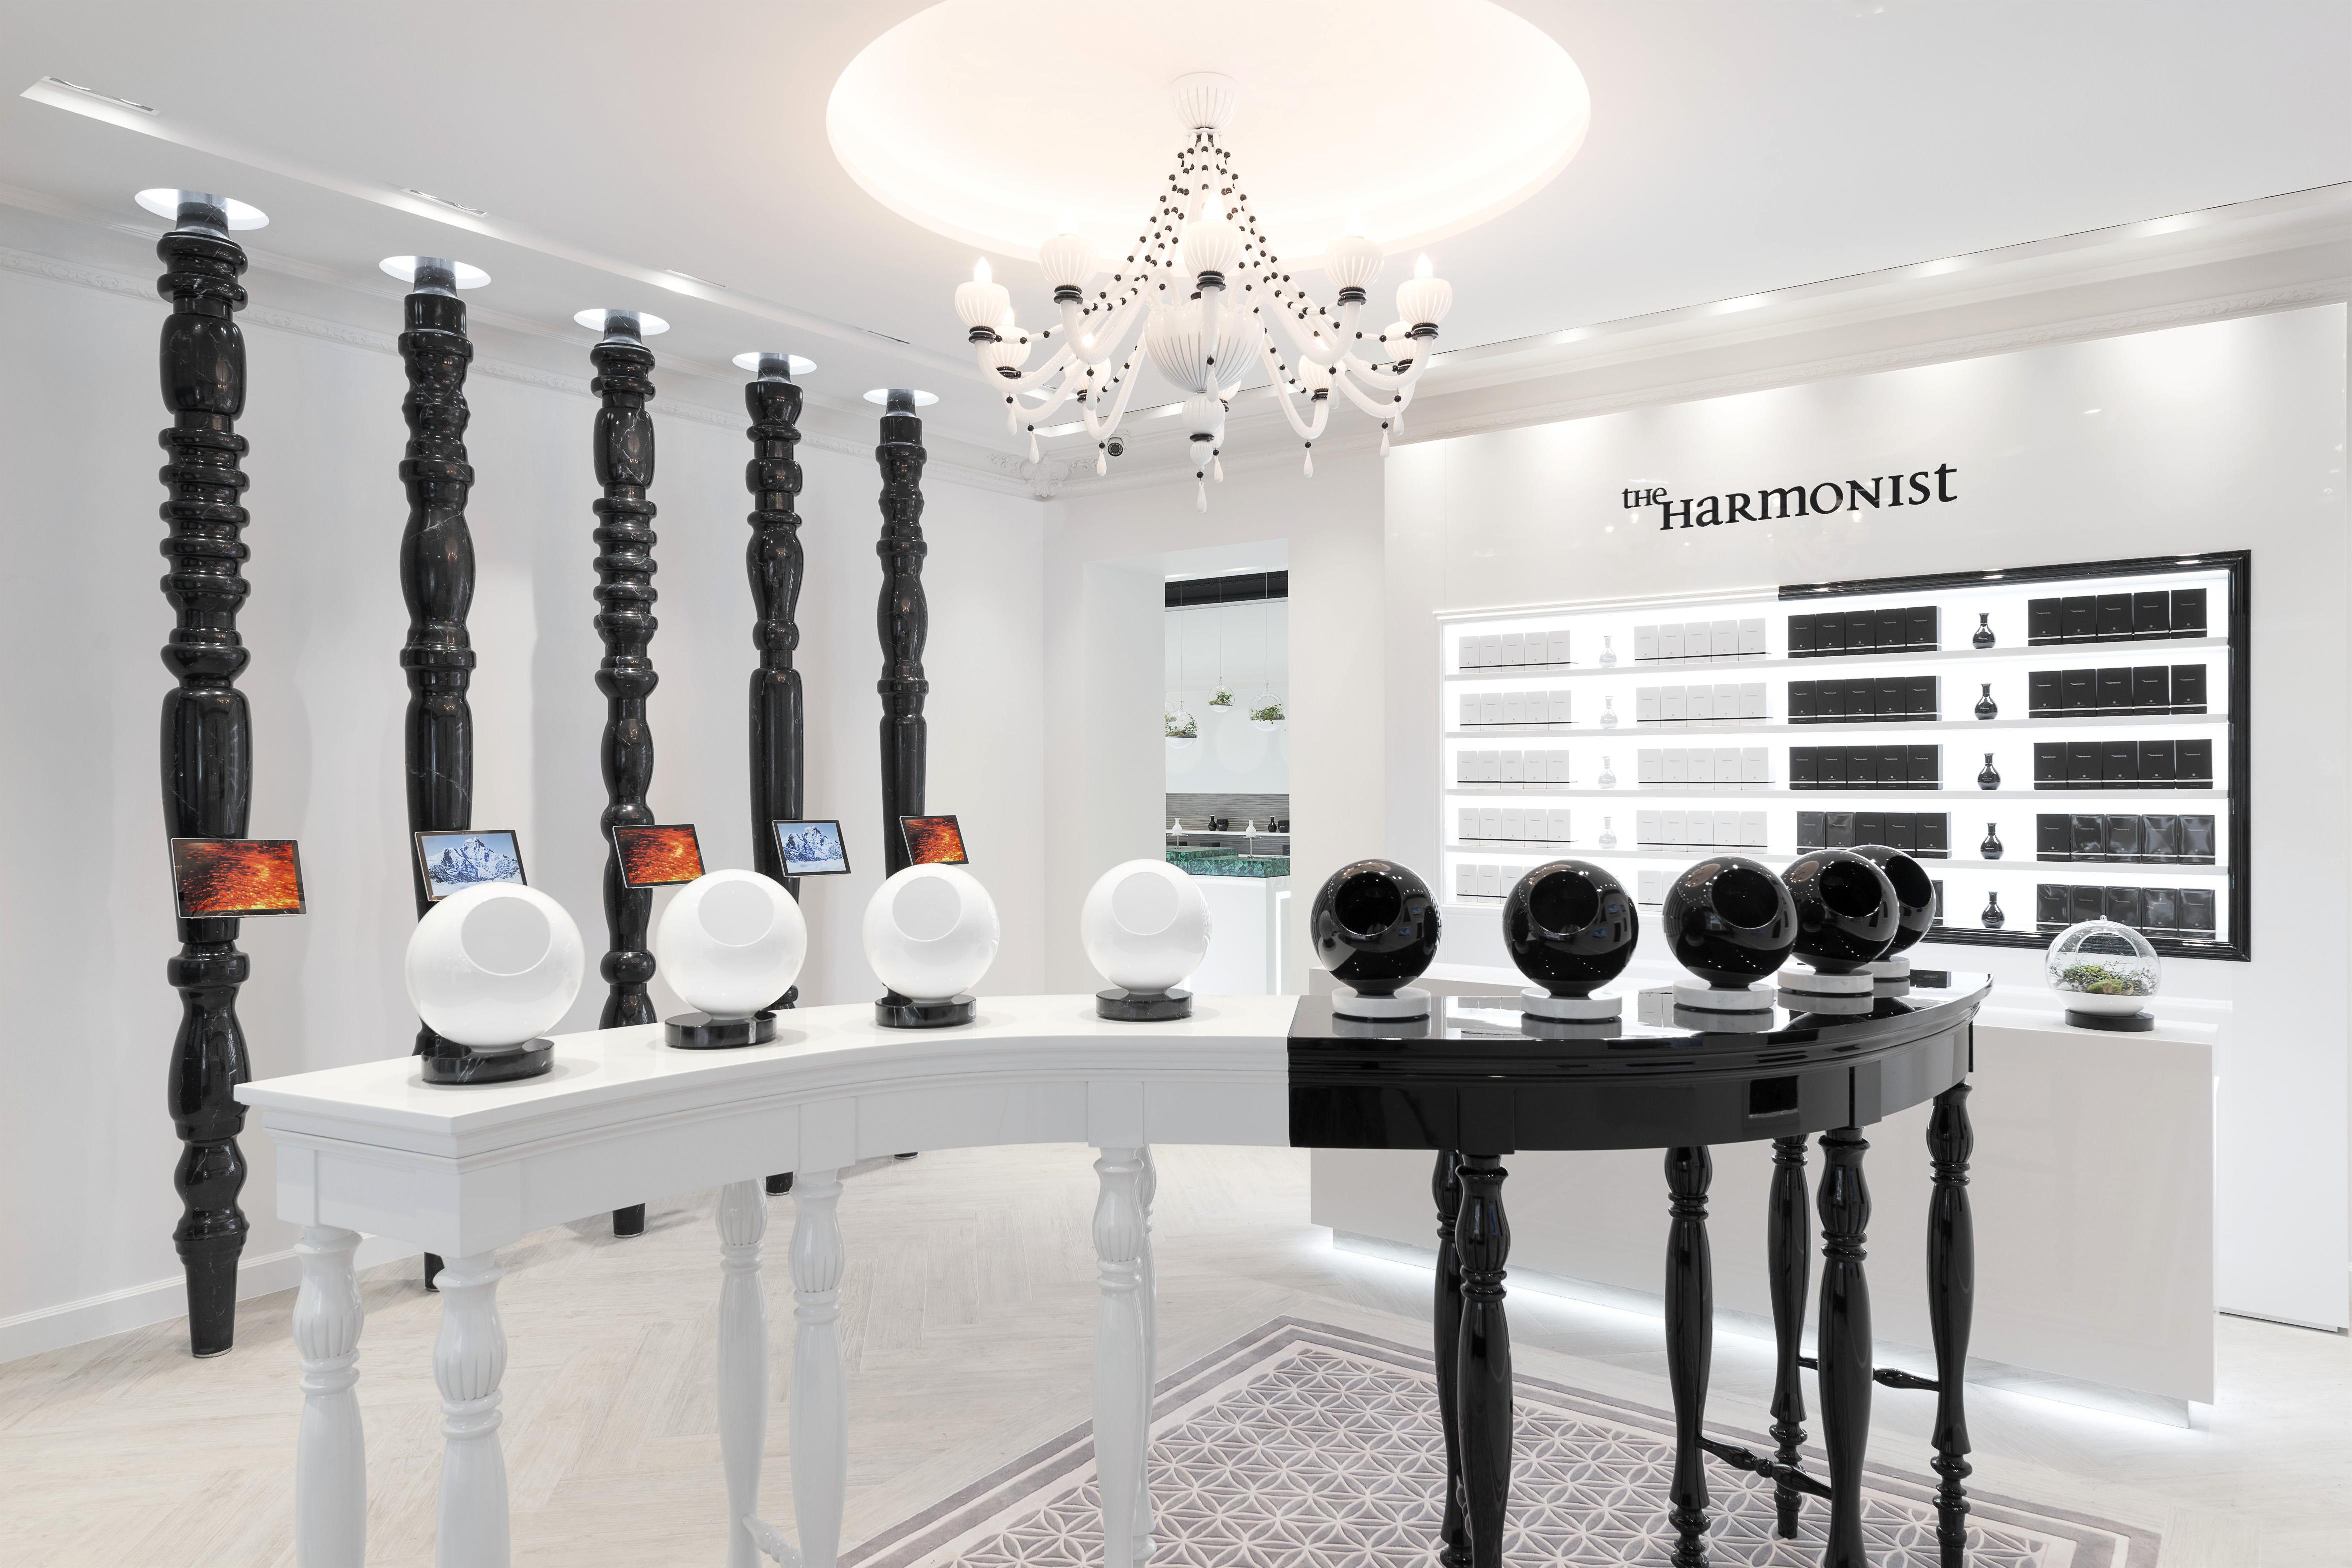 The Harmonist, la nouvelle maison de parfums parisienne